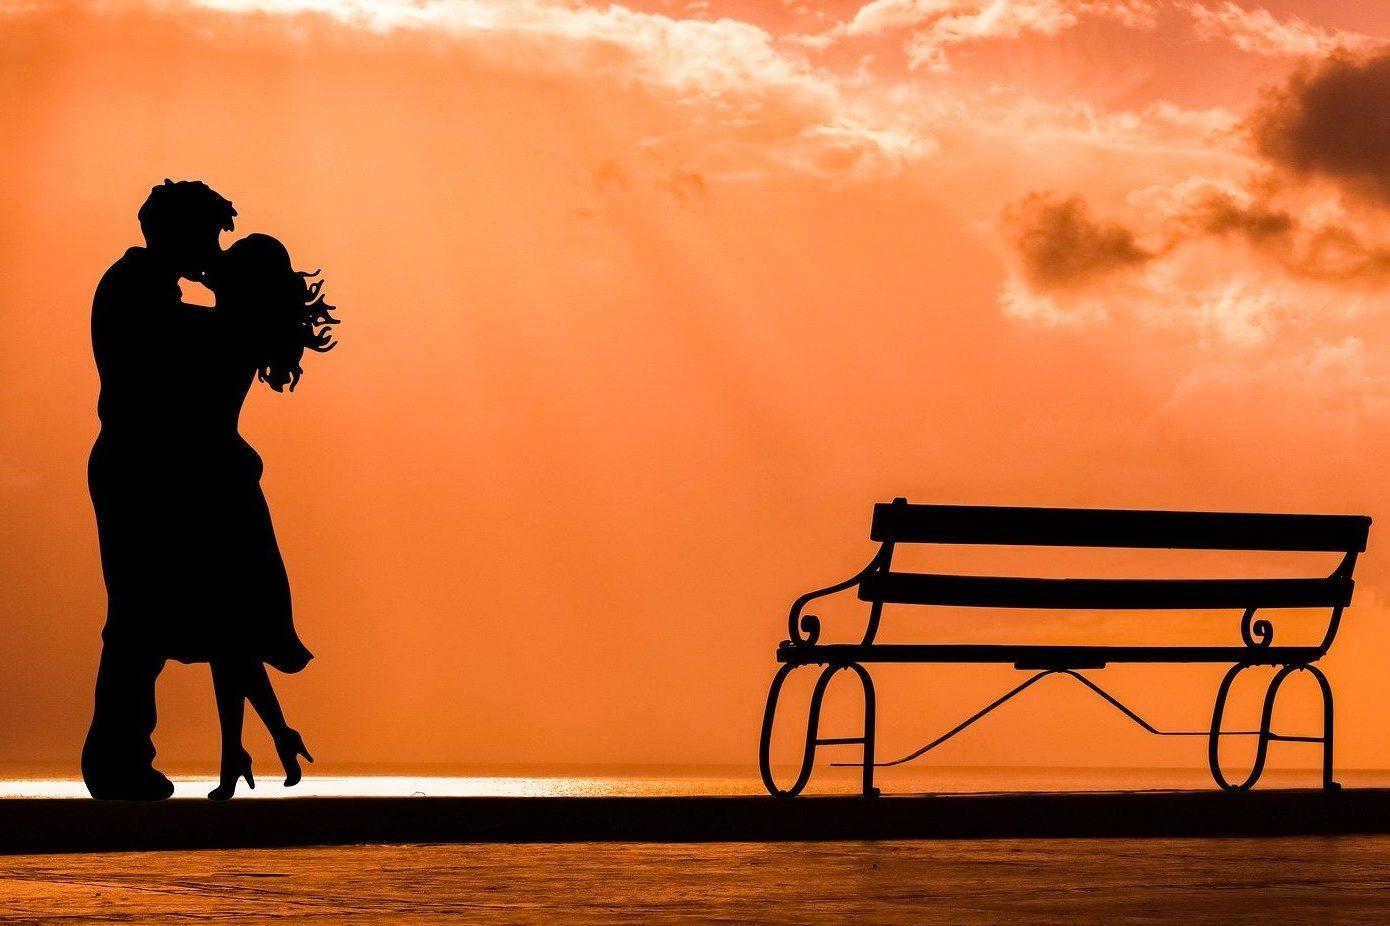 【どうしても諦められない】相手がいる彼…略奪したい。 その先に幸せは待ってる?